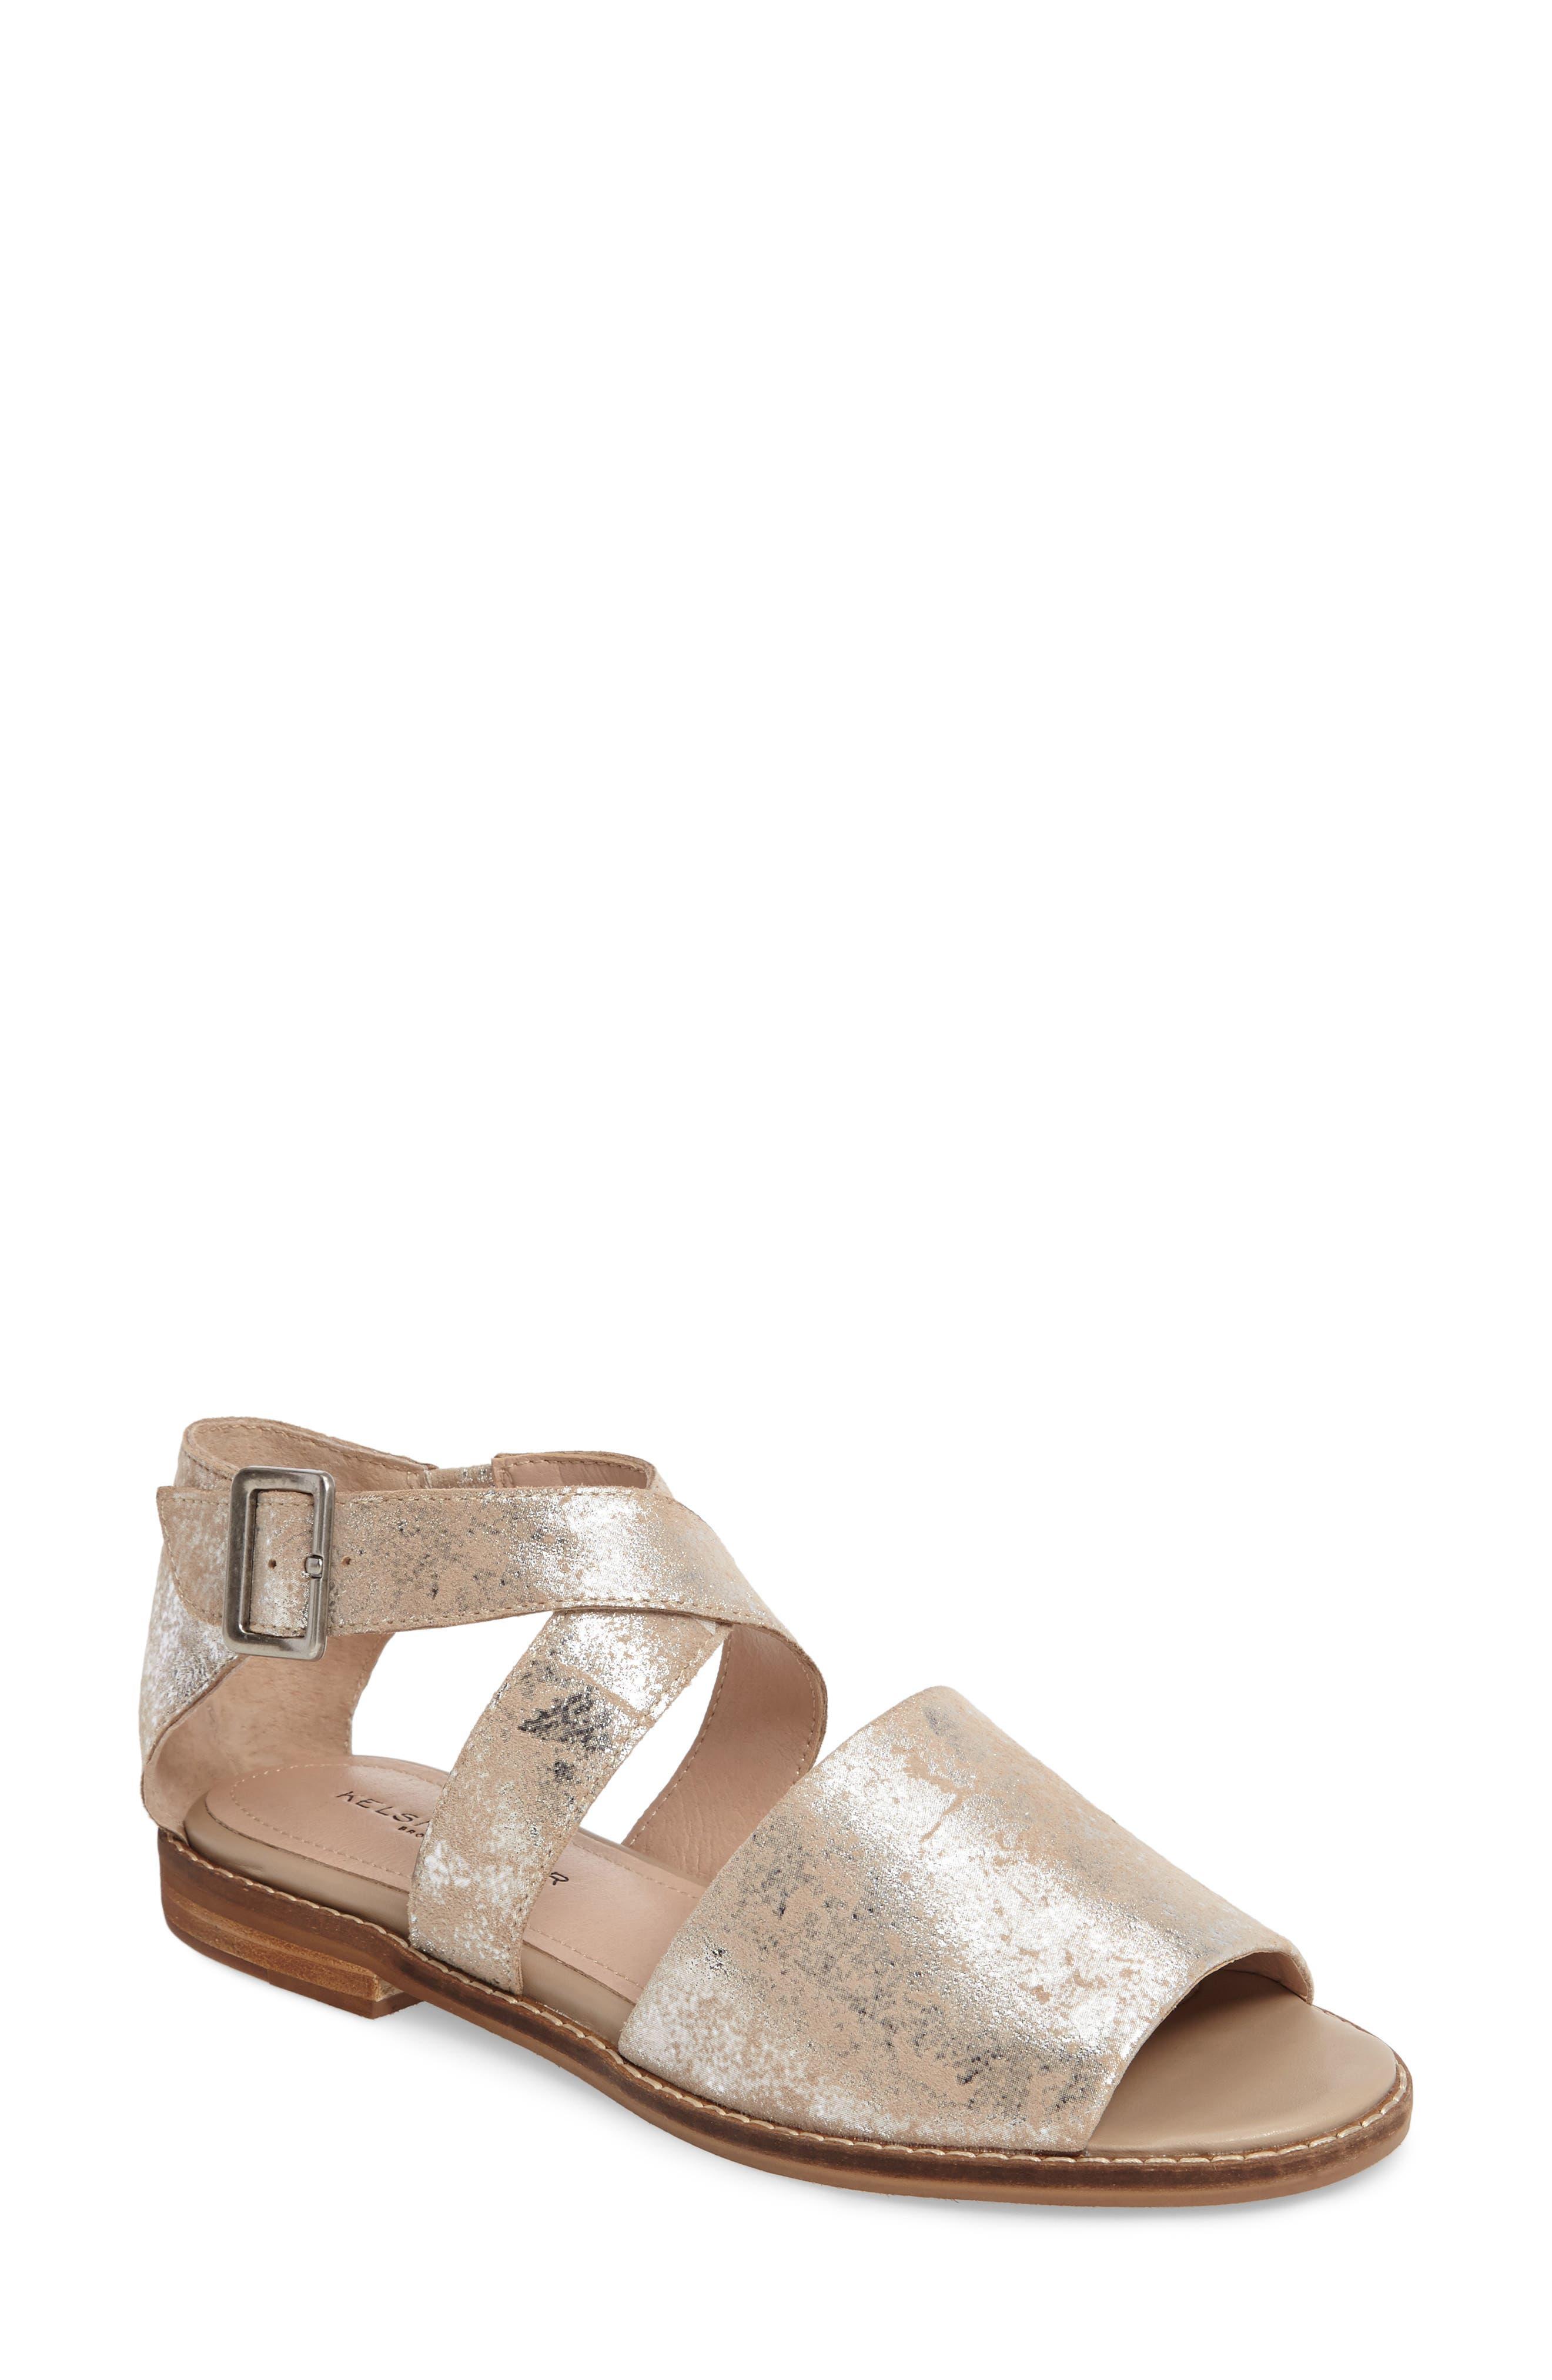 Kelsi Dagger Brooklyn Strappy Sandal (Women)